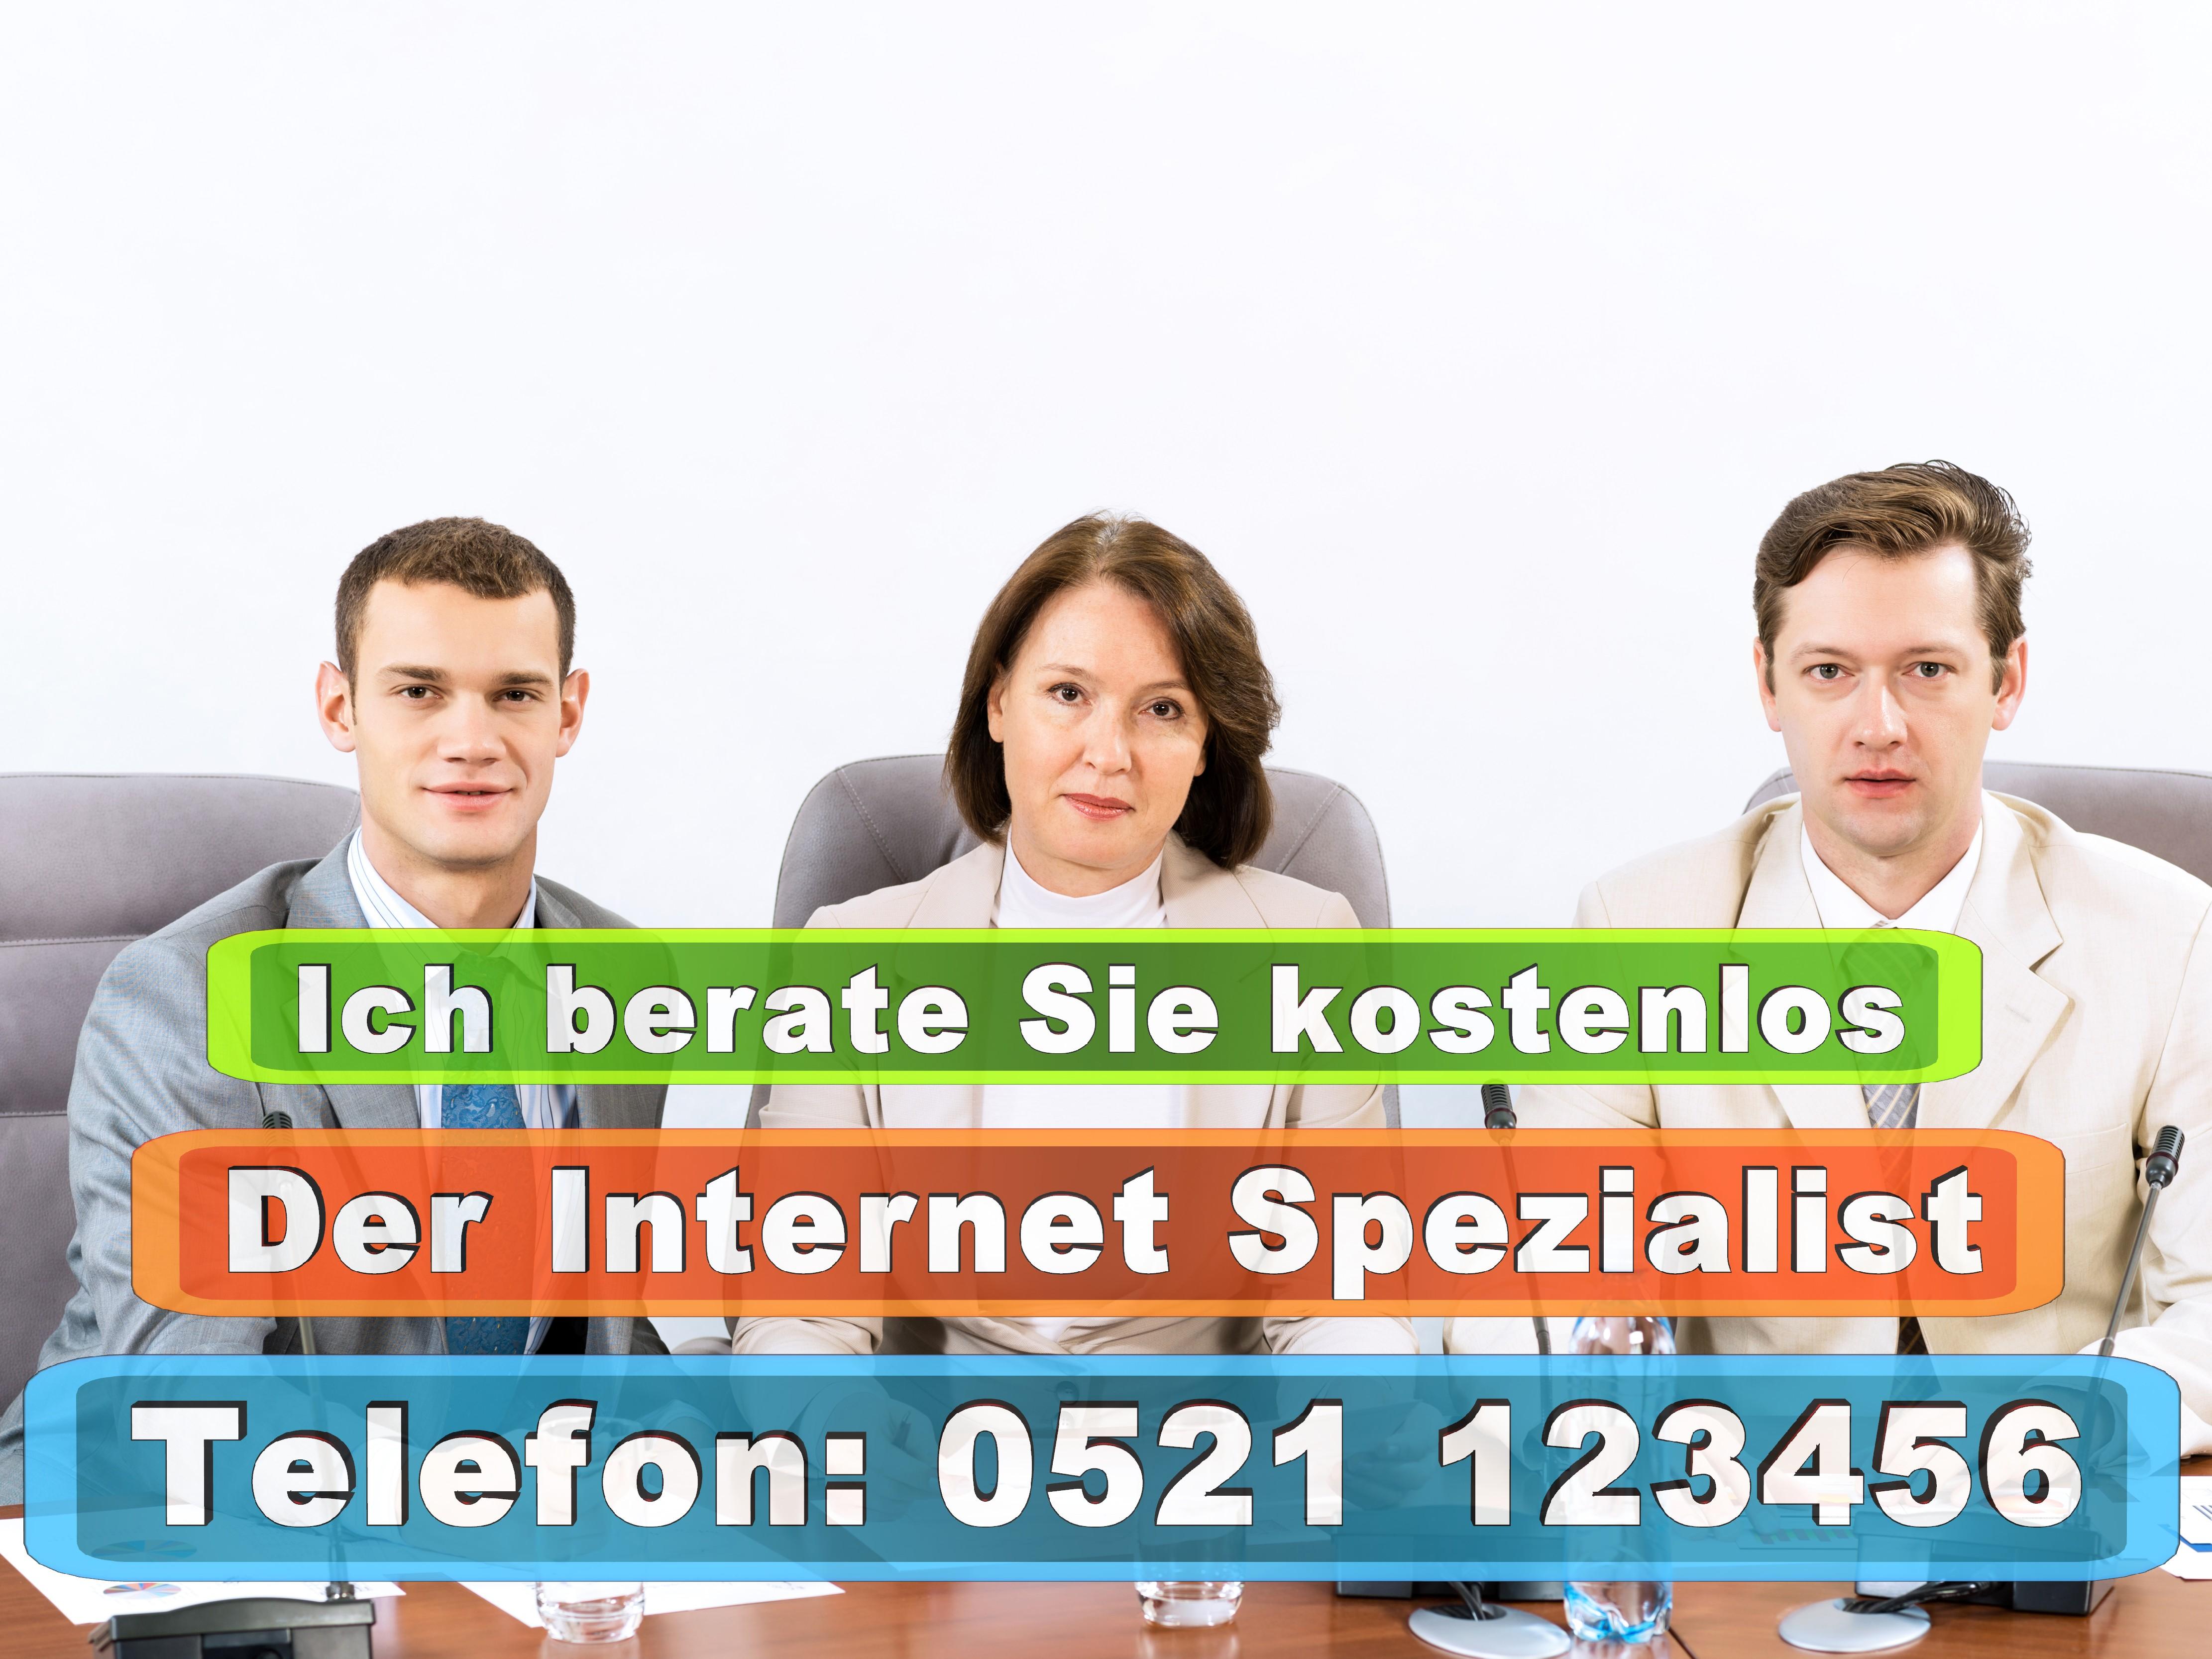 Steuerberater Bielefeld Rechtsanwalt Bielefeld Hausverwaltung Bielefeld Immobilien Bielefeld Architekt Bielefeld Büro Versicherungen (9)